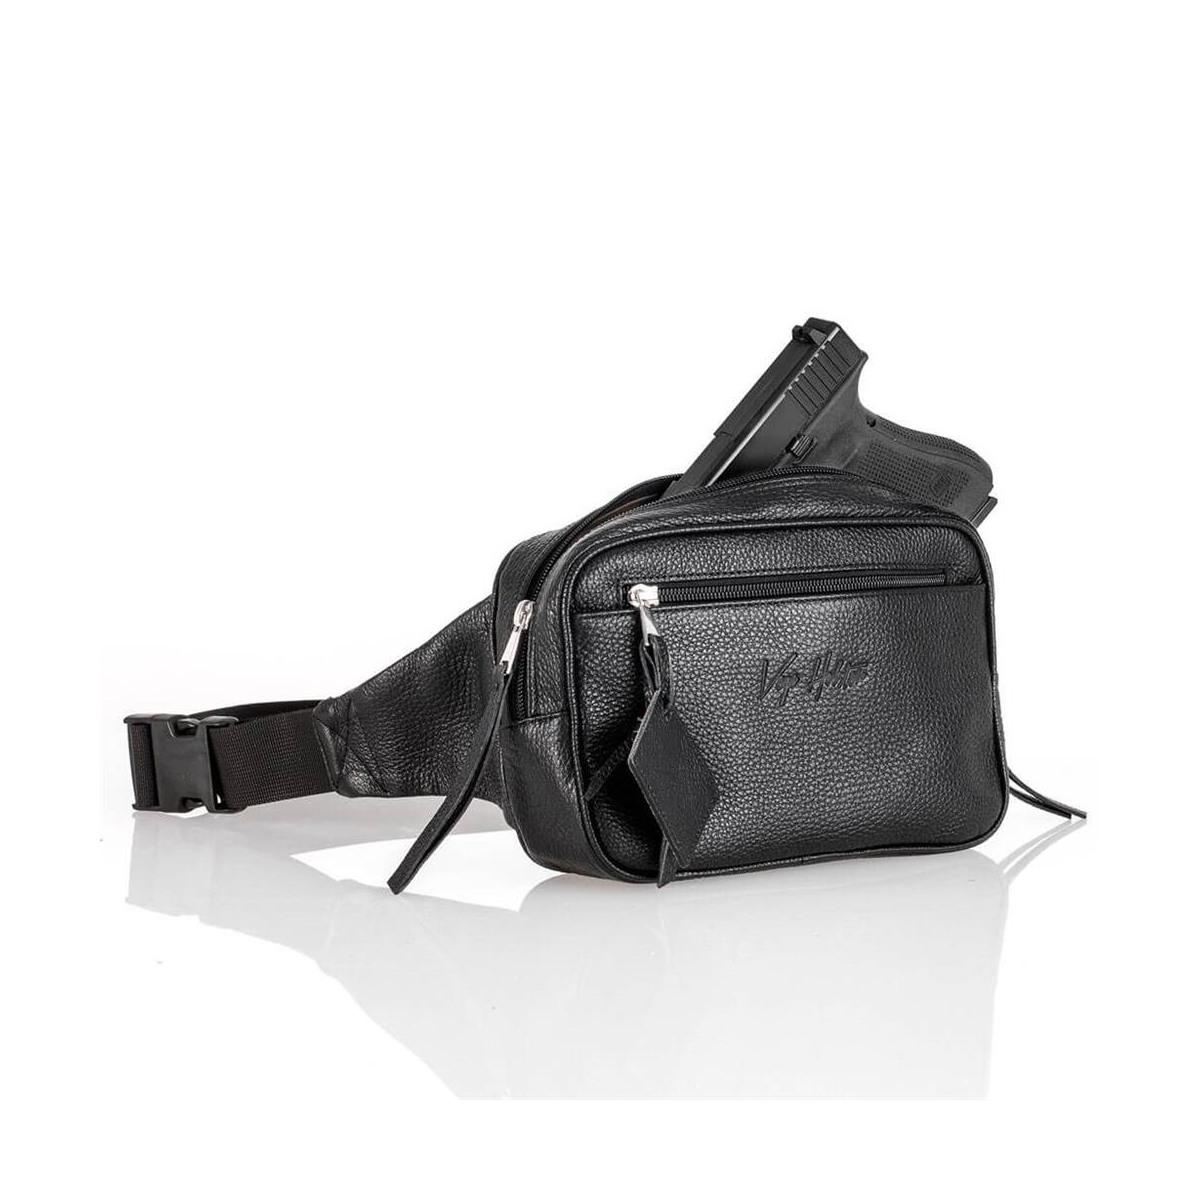 Gürteltasche Schulterholster Schulter-Tasche Reisetasche schwarz